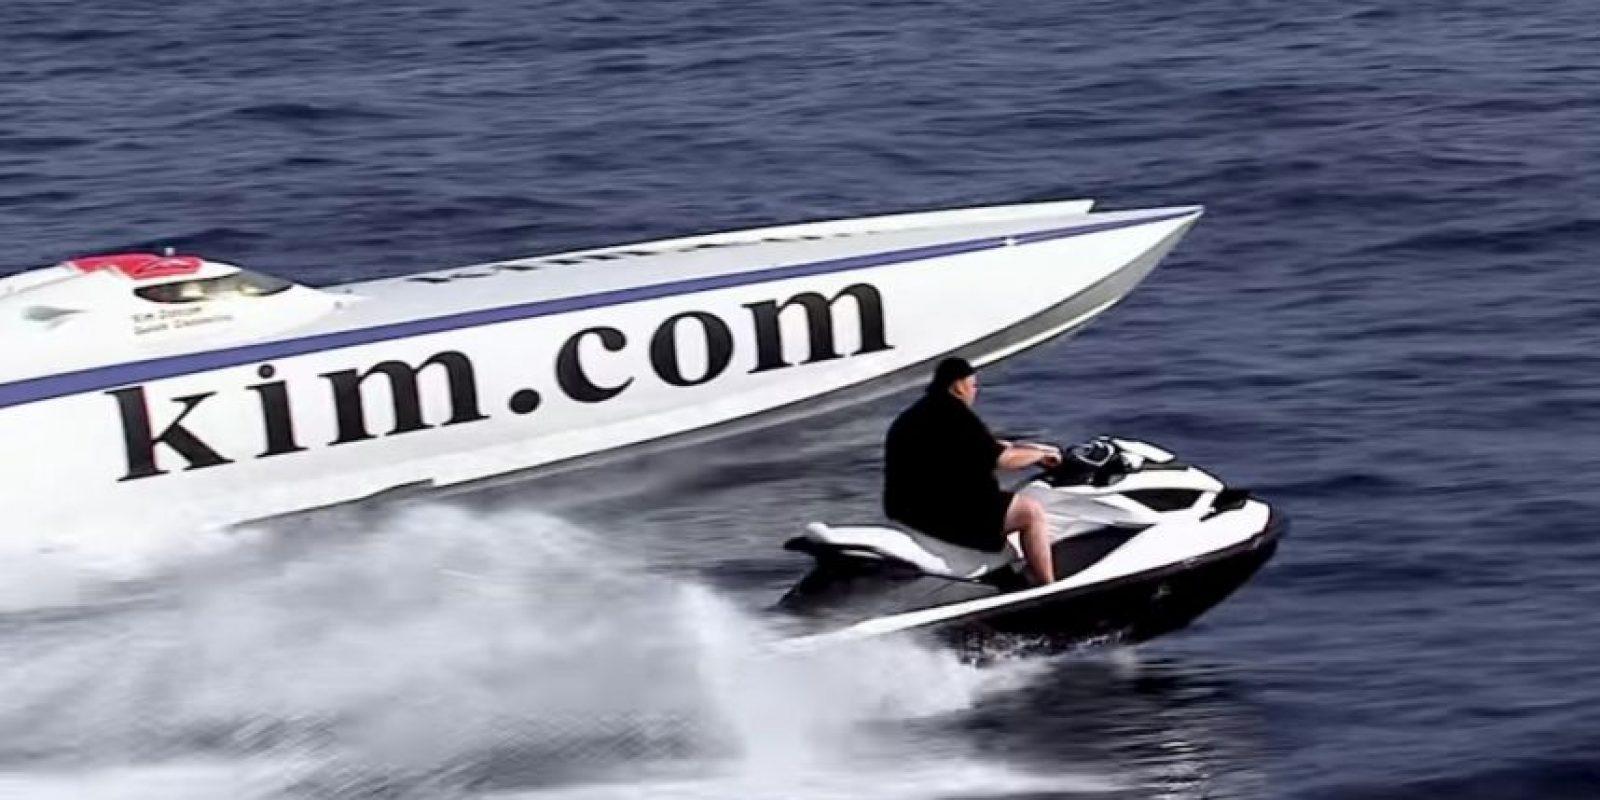 Todo tipo de vehículos para divertirse. Foto:MrKimDotcom / YouTube